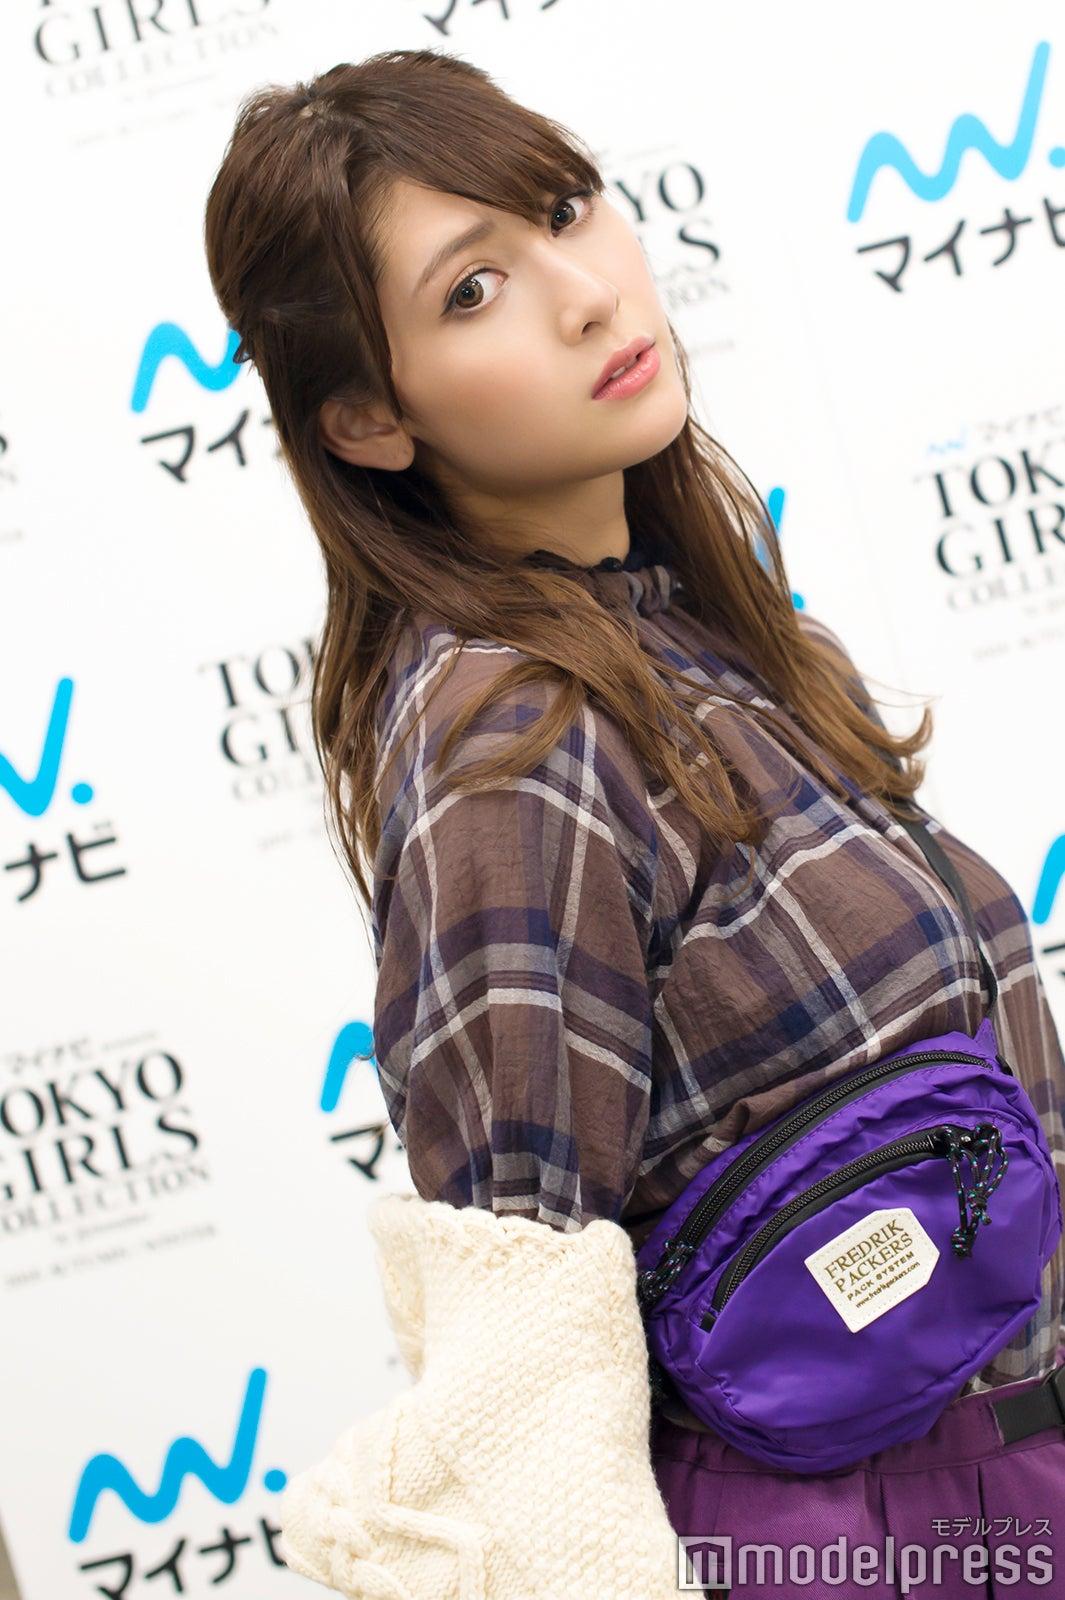 10等身モデル・香川沙耶、